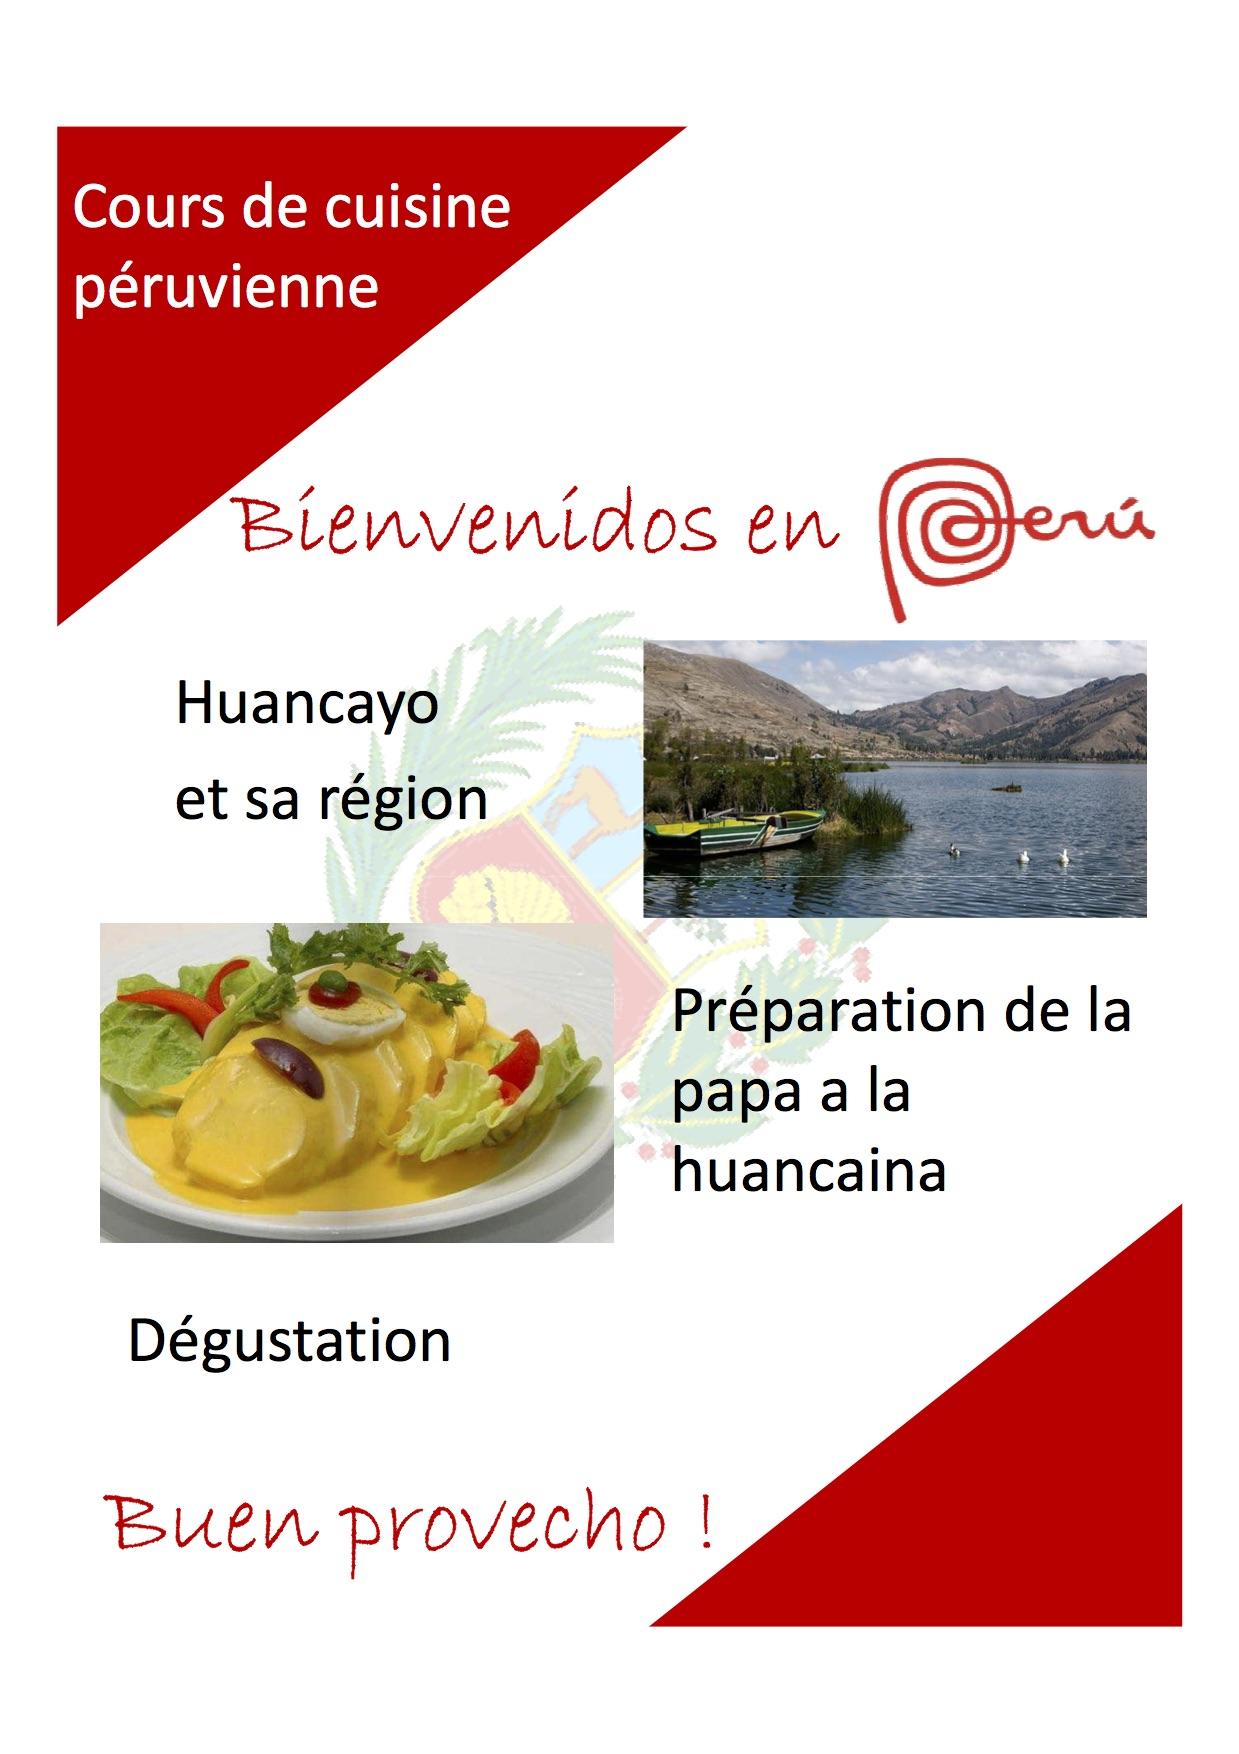 Cours de cuisine p ruvienne espagnol espagnol - Offrir des cours de cuisine ...